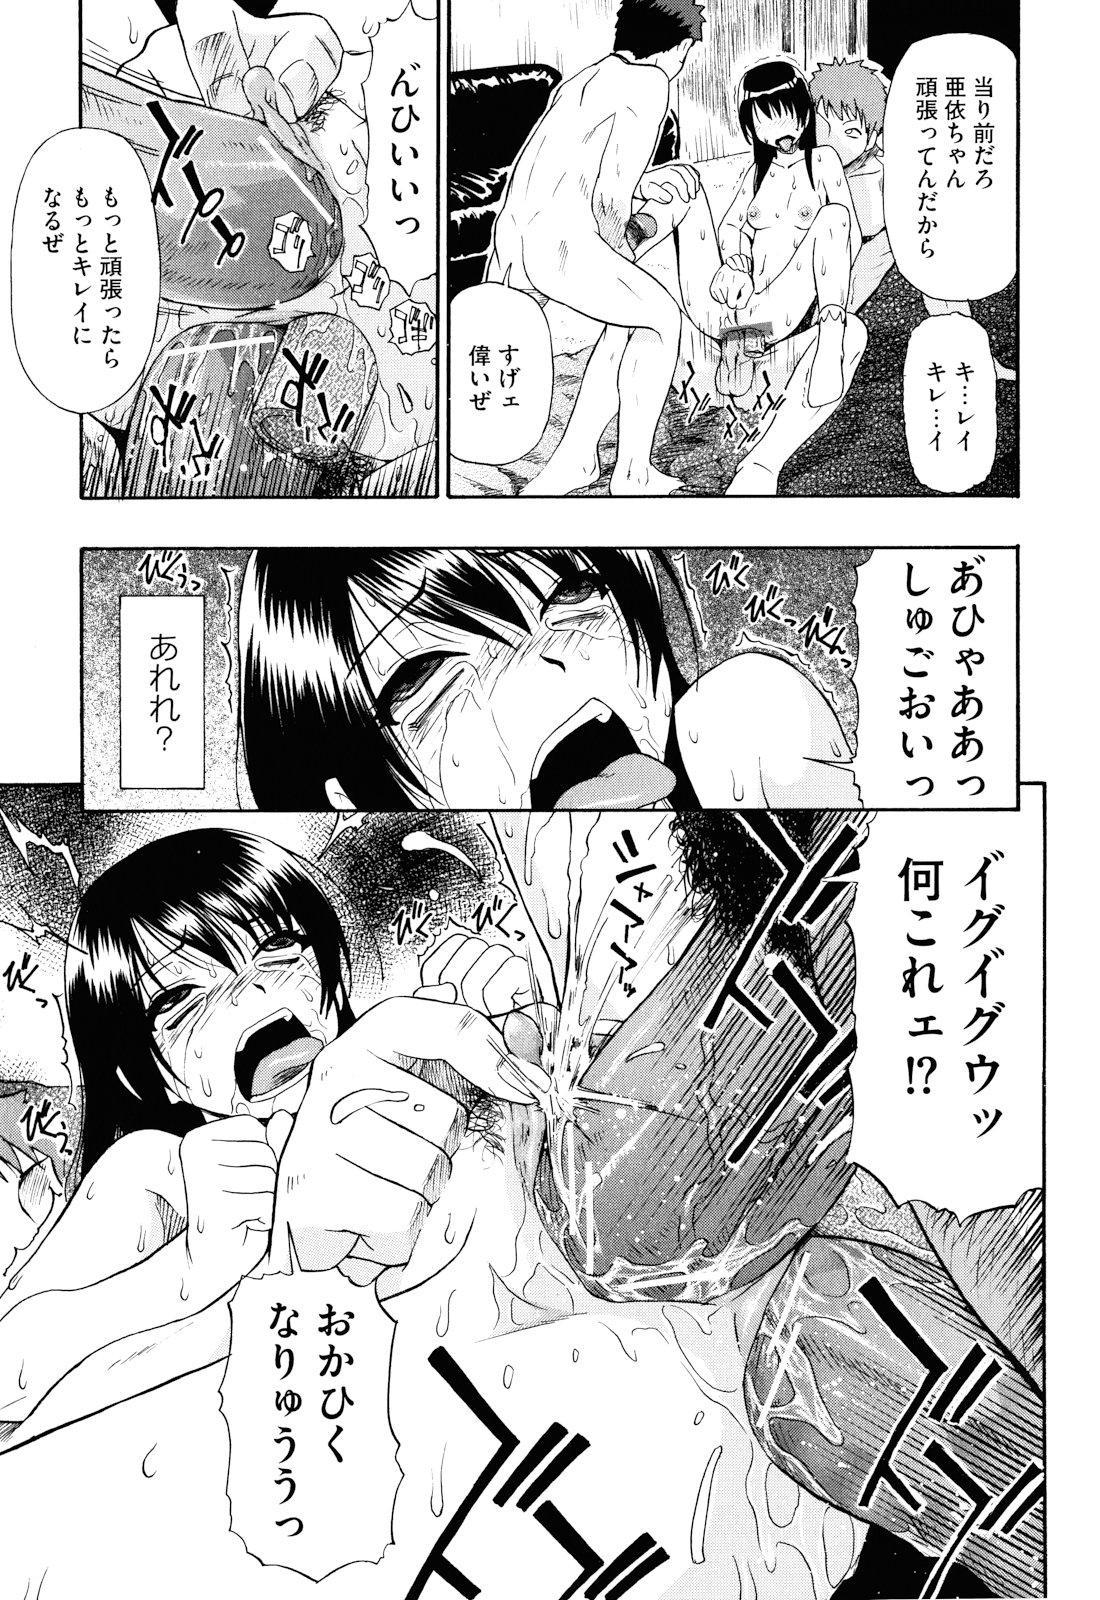 Watashi Kirei? 19